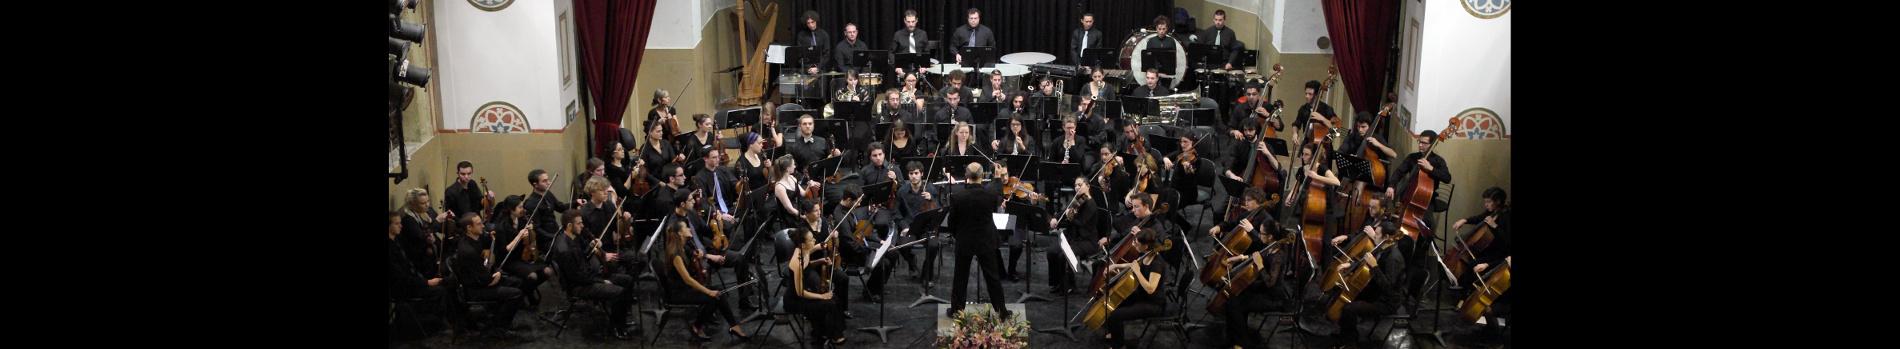 """קונצרט זוכי התחרות ע""""ש שרון תבור-פינץ לנגינת סולו עם תזמורת"""